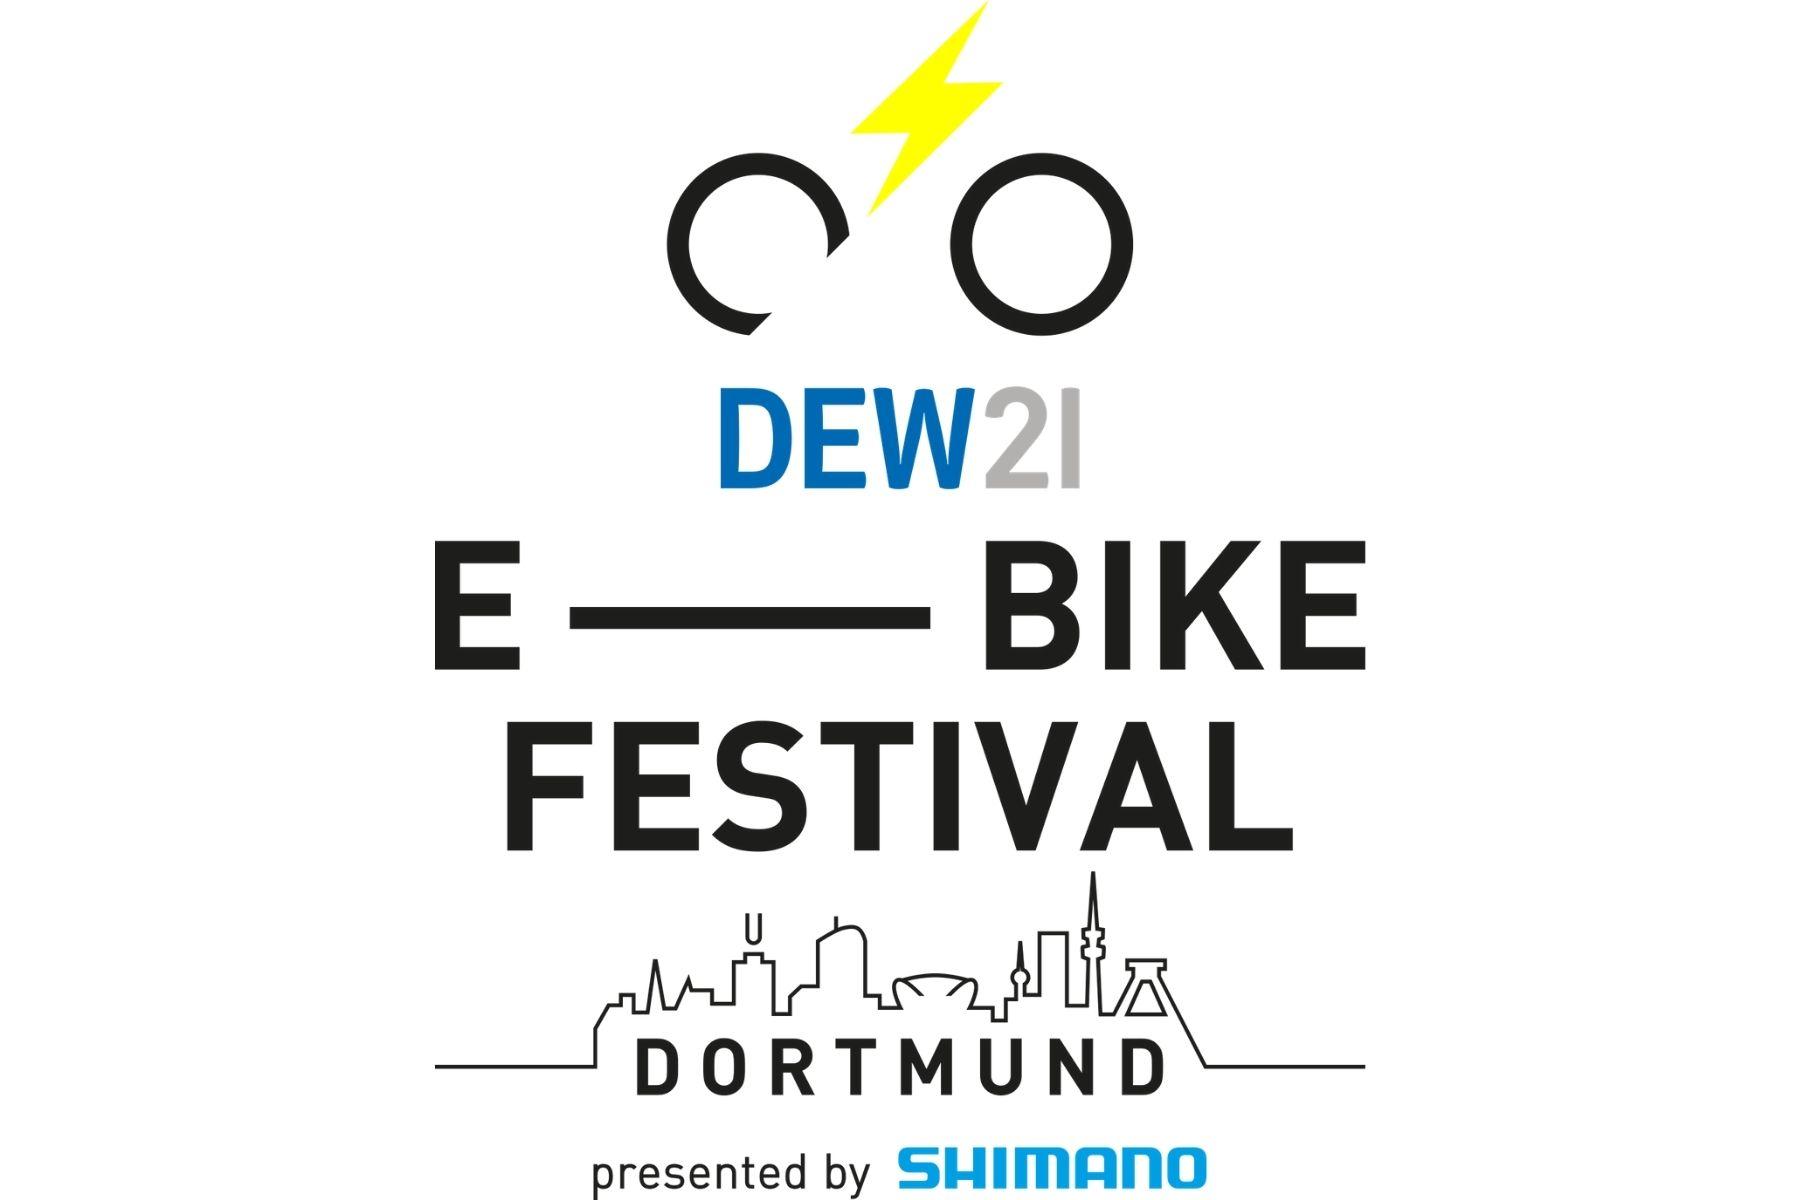 Weiteres Veranstaltungsopfer: DEW21 E – BIKE Festival Dortmund presented by SHIMANO